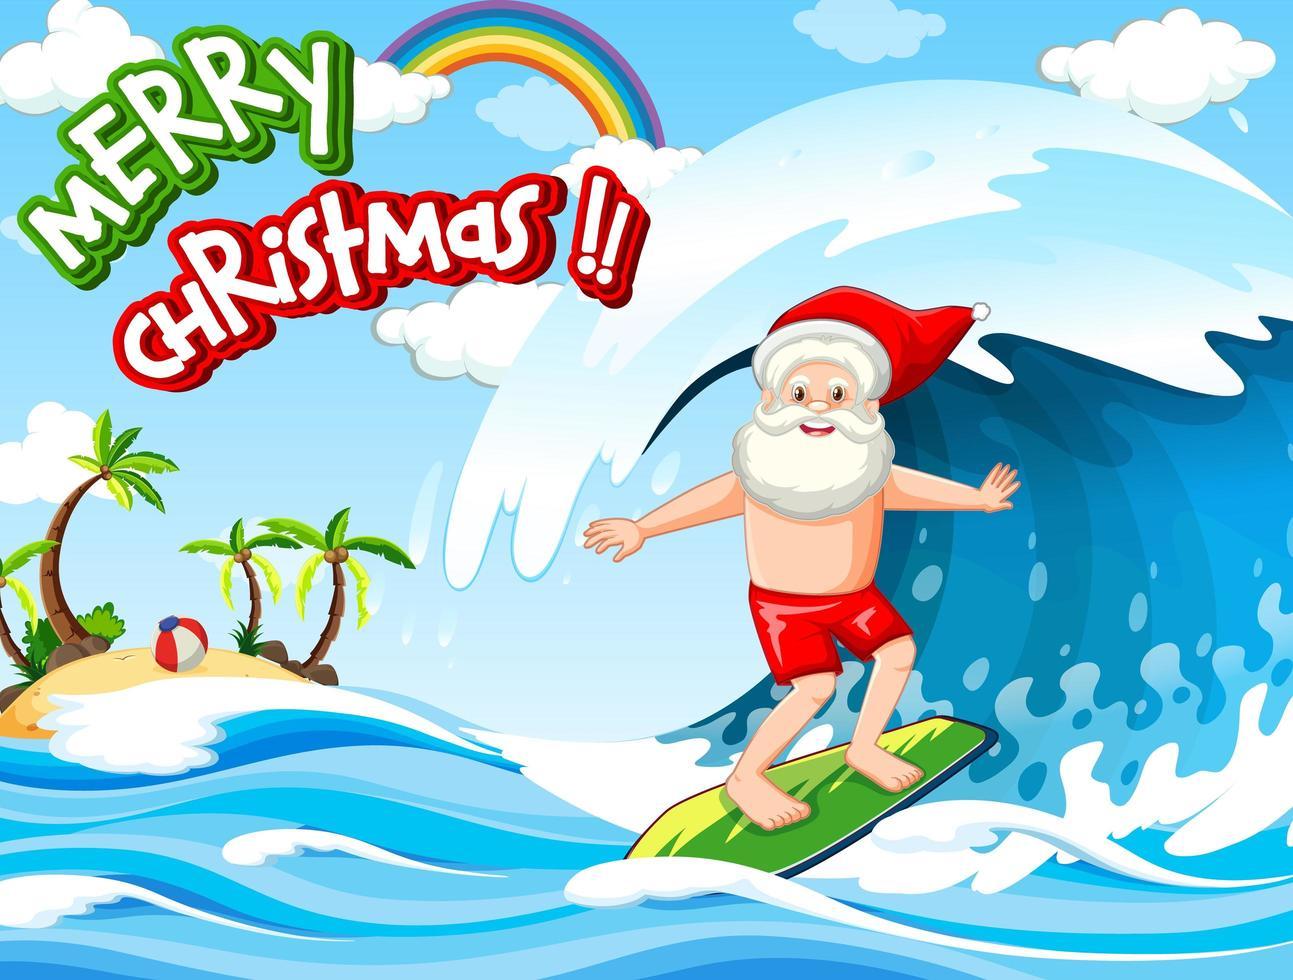 père noël surf à la plage pour l'été noël vecteur